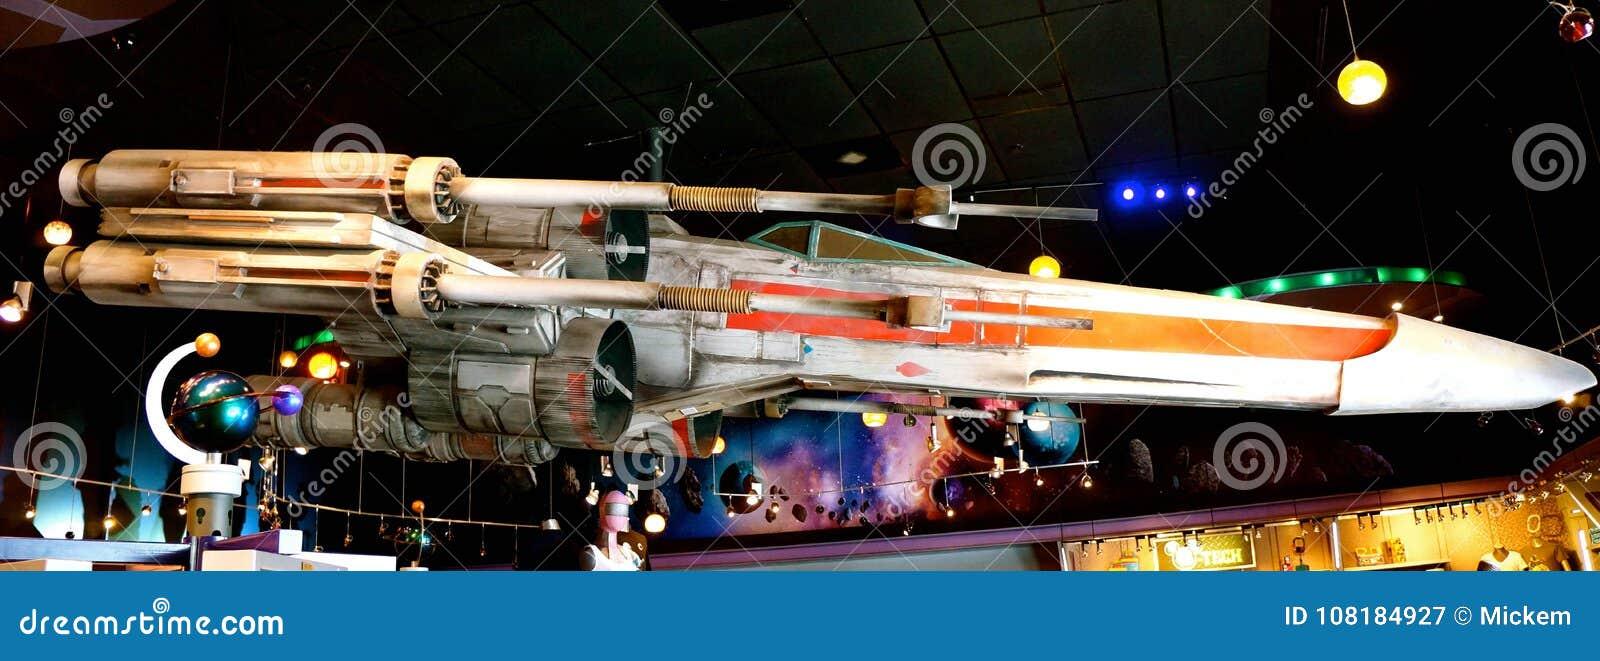 Star Wars stjärnakämpe Jet Disneyland